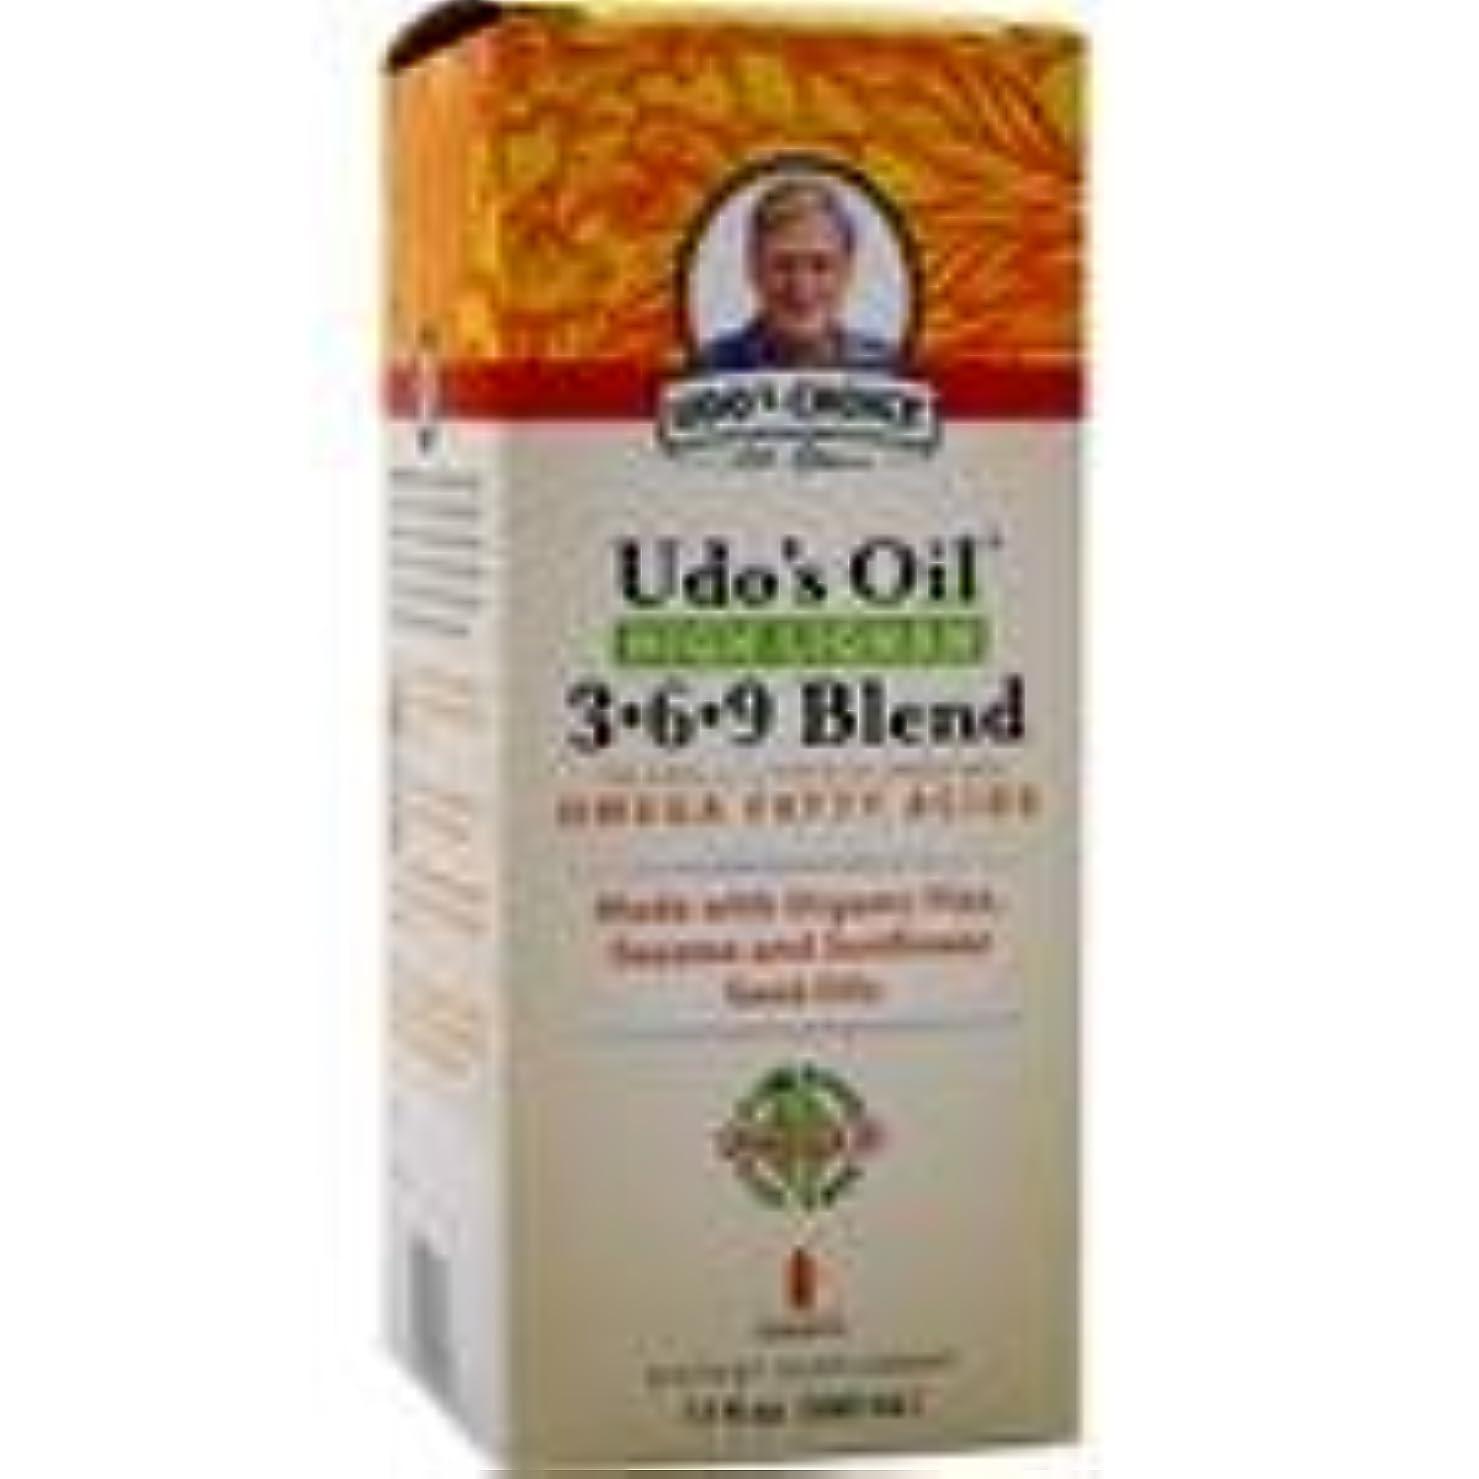 いちゃつく厳密にお手伝いさんUdo's Oil High Lignan 3-6-9 Blend 17 fl.oz 4個パック